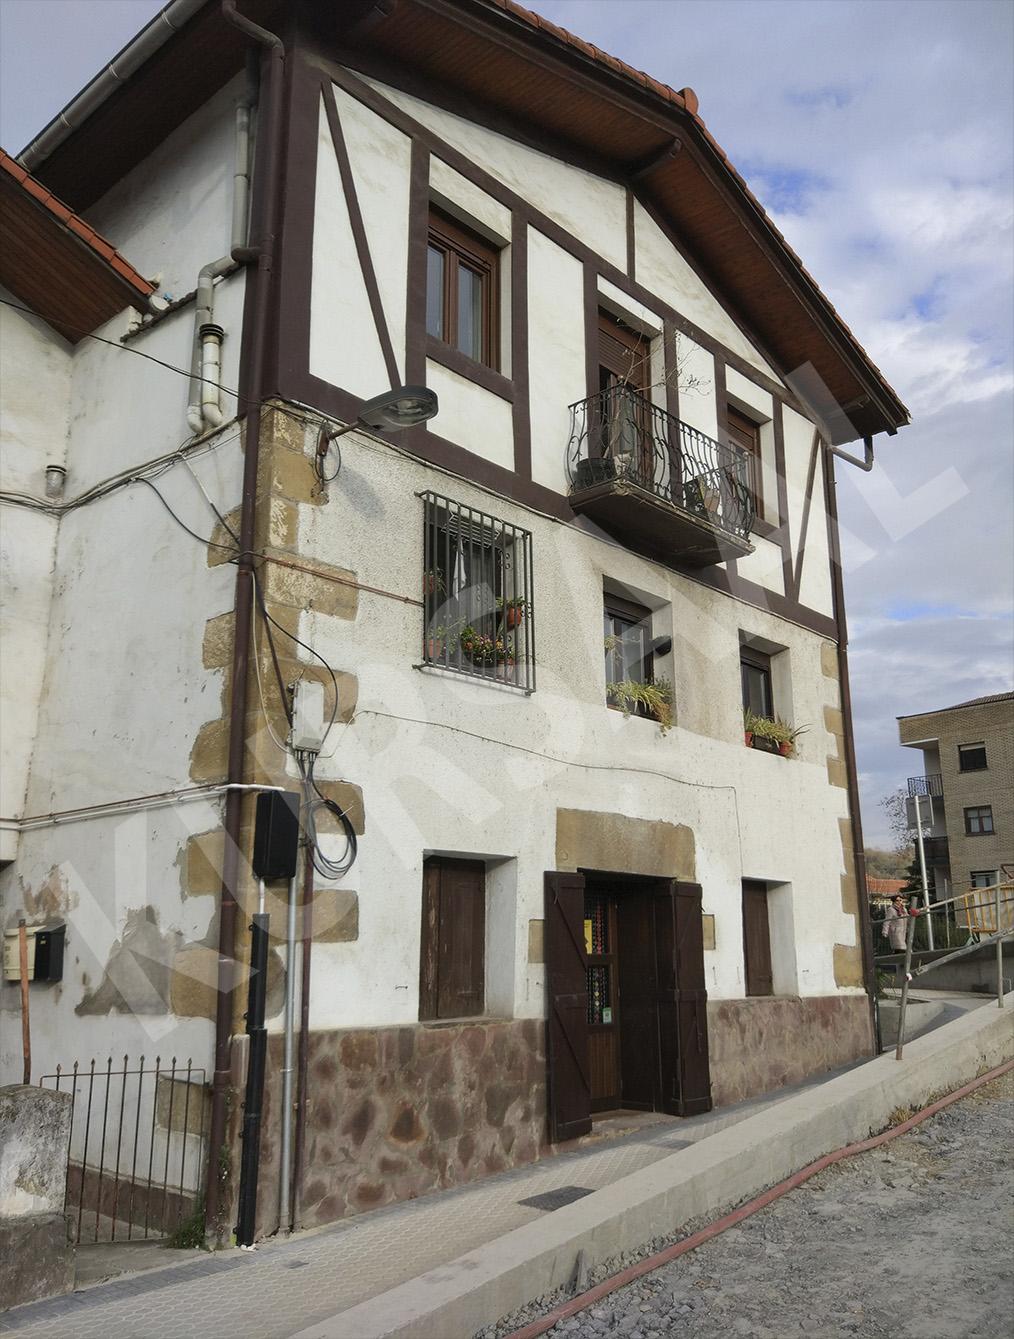 foto 1 - Restauración y patrimonio-Okendotegi 2-MARTUTENE, GIPUZKOA